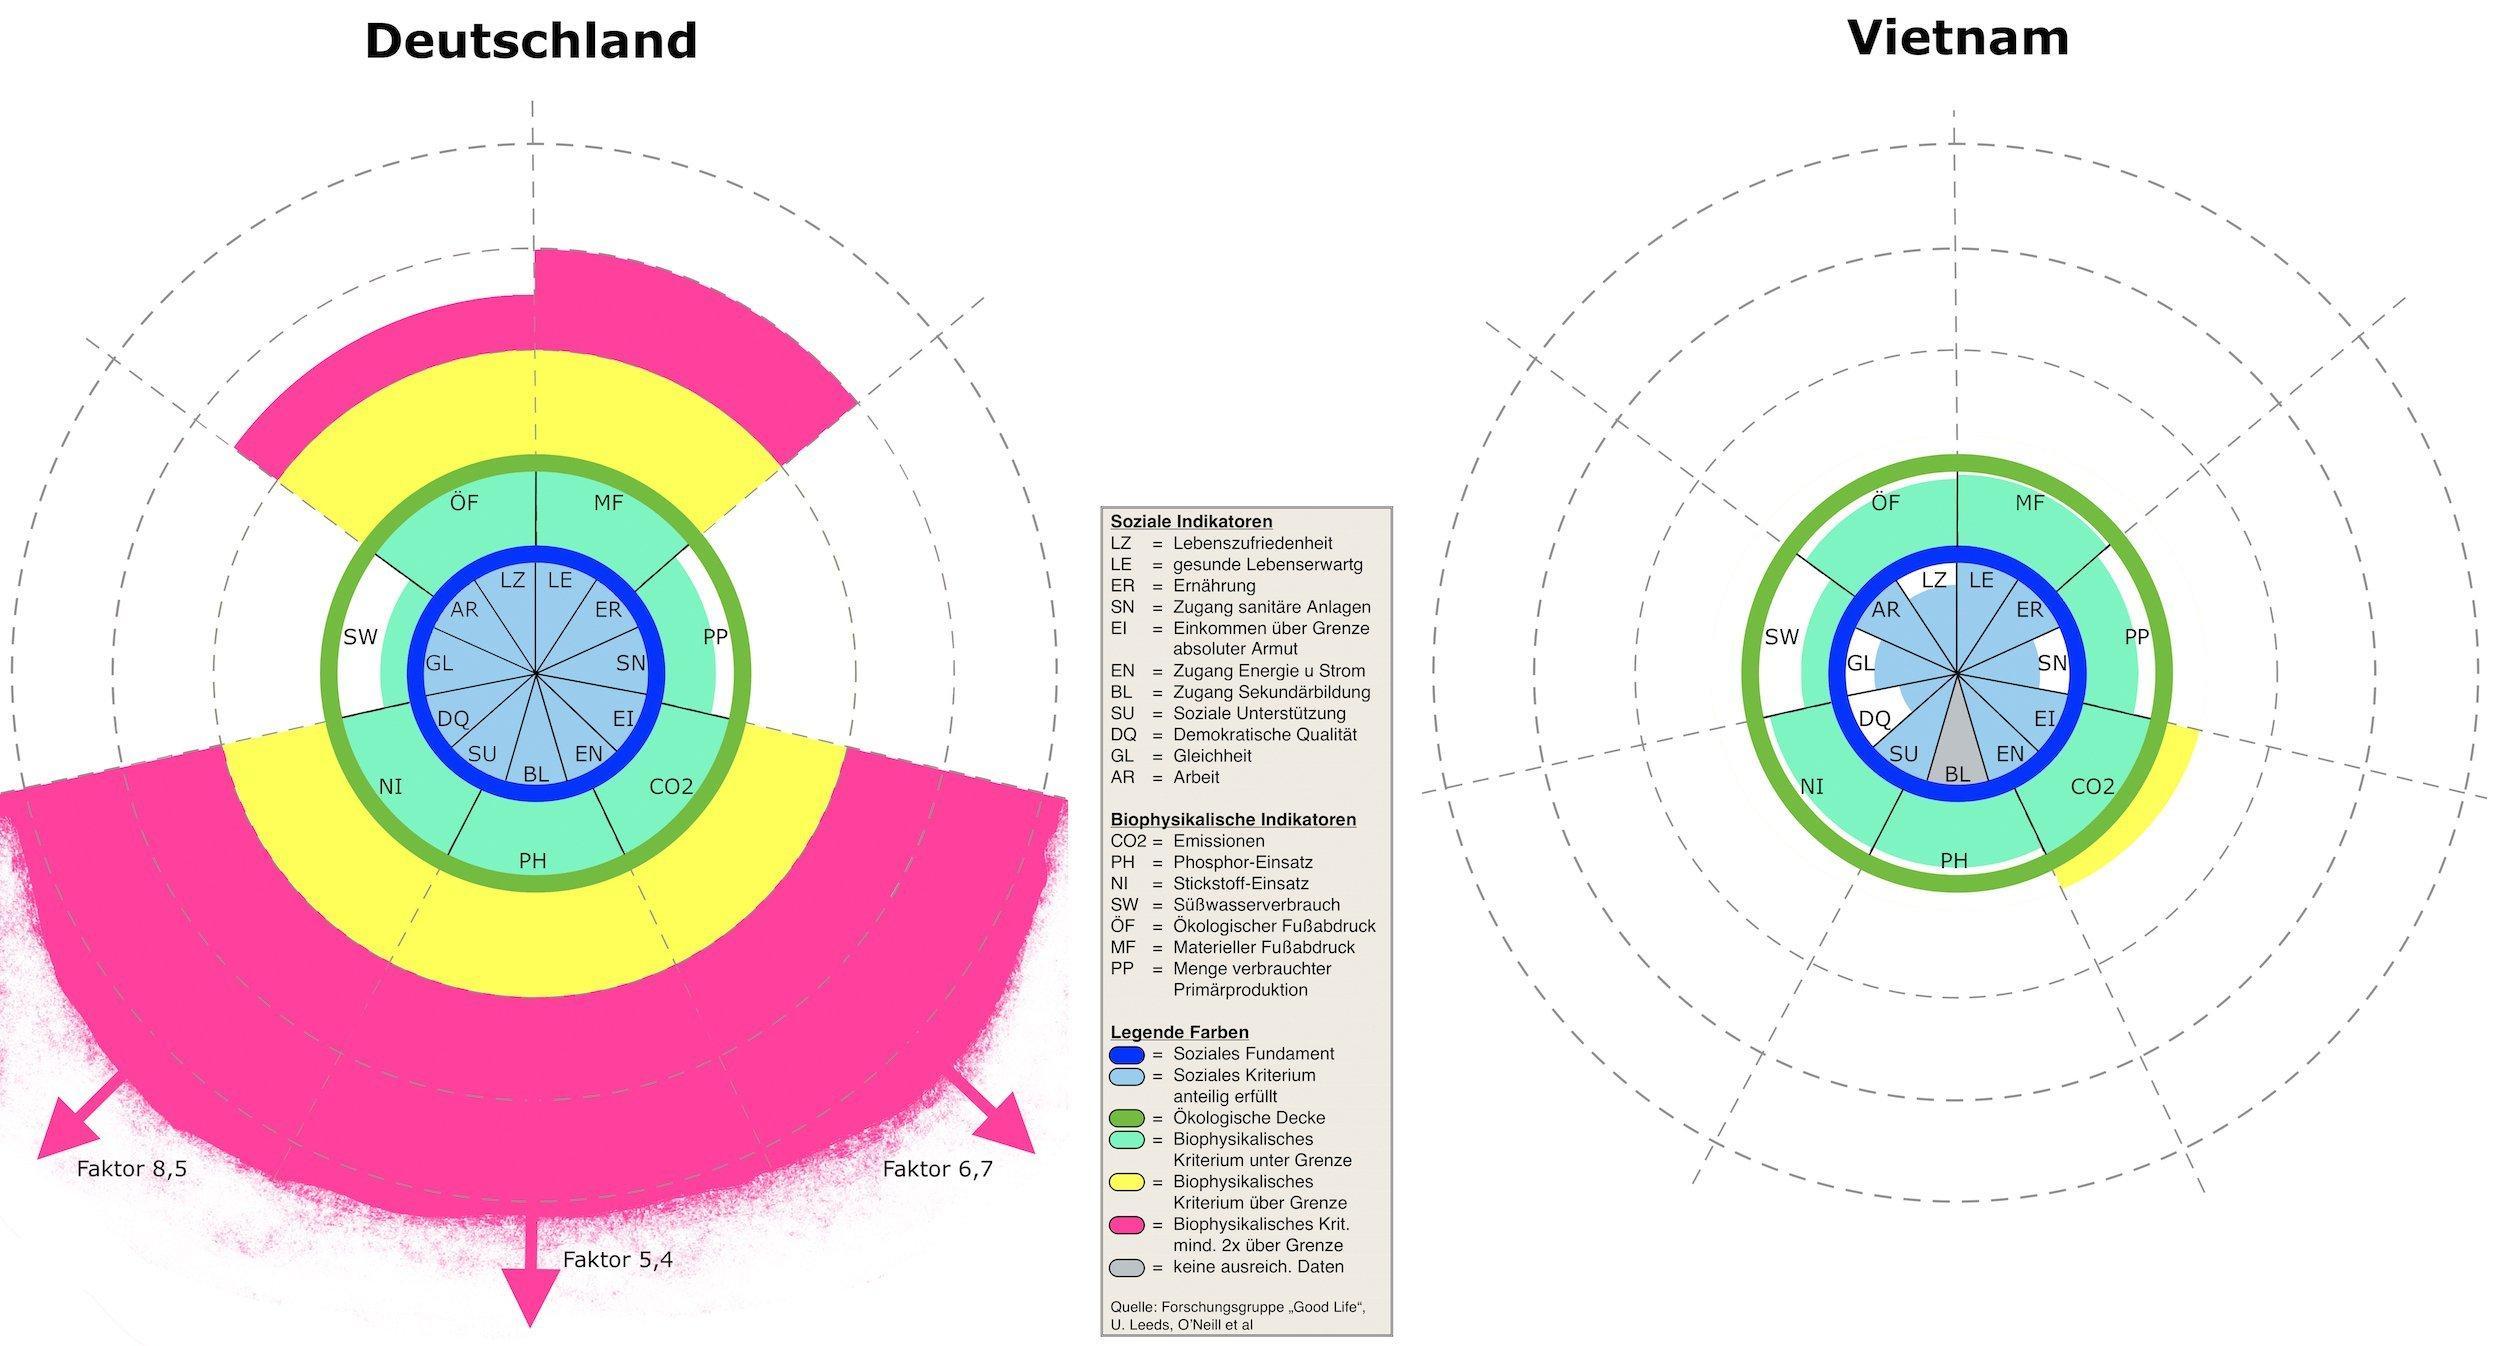 Zwei Kreisdiagramme fassen die Auswertung von elf Kriterien des sozialen Fundaments und sieben Bedingungen der ökologischen Decke für Deutschland und Vietnam zusammen. Die hellblauen Kuchenstücke in der Mitte zeigen, wie sehr die Elemente des sozialen Fundaments vorhanden sind: Deutschland erfüllt als eines der wenigen Länder weltweit alle, Vietnam hat Mängel in vier oder fünf. Dafür überschreitet das Land in Südostasien die planetaren Grenzen (heruntergerechnet auf seine Einwohnerzahl) nur in einem Kriterium (gelb). Würde dagegen die ganze Welt so leben wie die Deutschen, wären die Limits in fünf Feldern längst überschritten (rote Felder). (Ein Klick auf die Quellenangabe öffnet eine größere Version der Grafik)